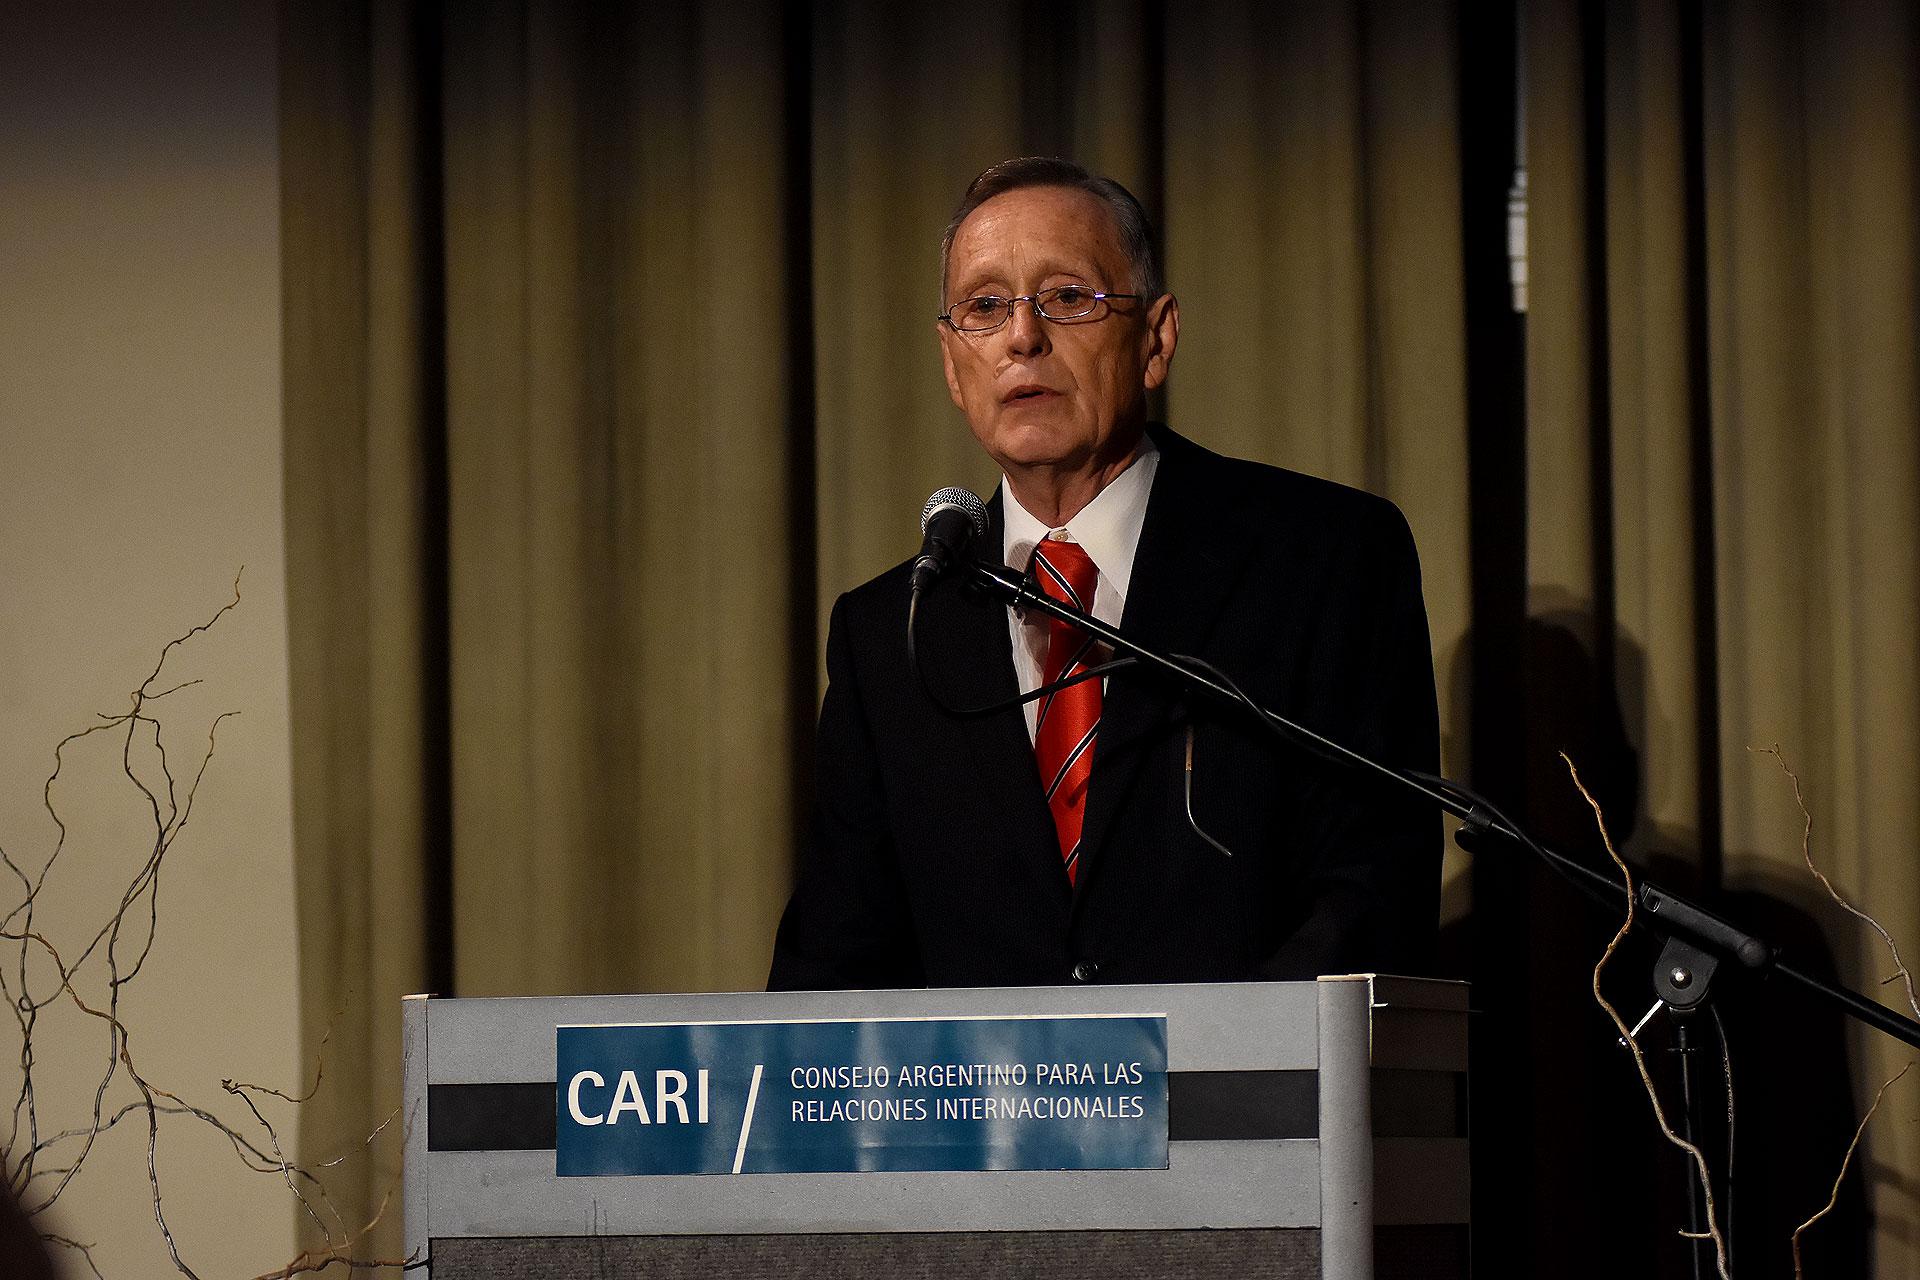 El presidente del Consejo Argentino para las Relaciones Internacionales, Adalberto Rodríguez Giavarini